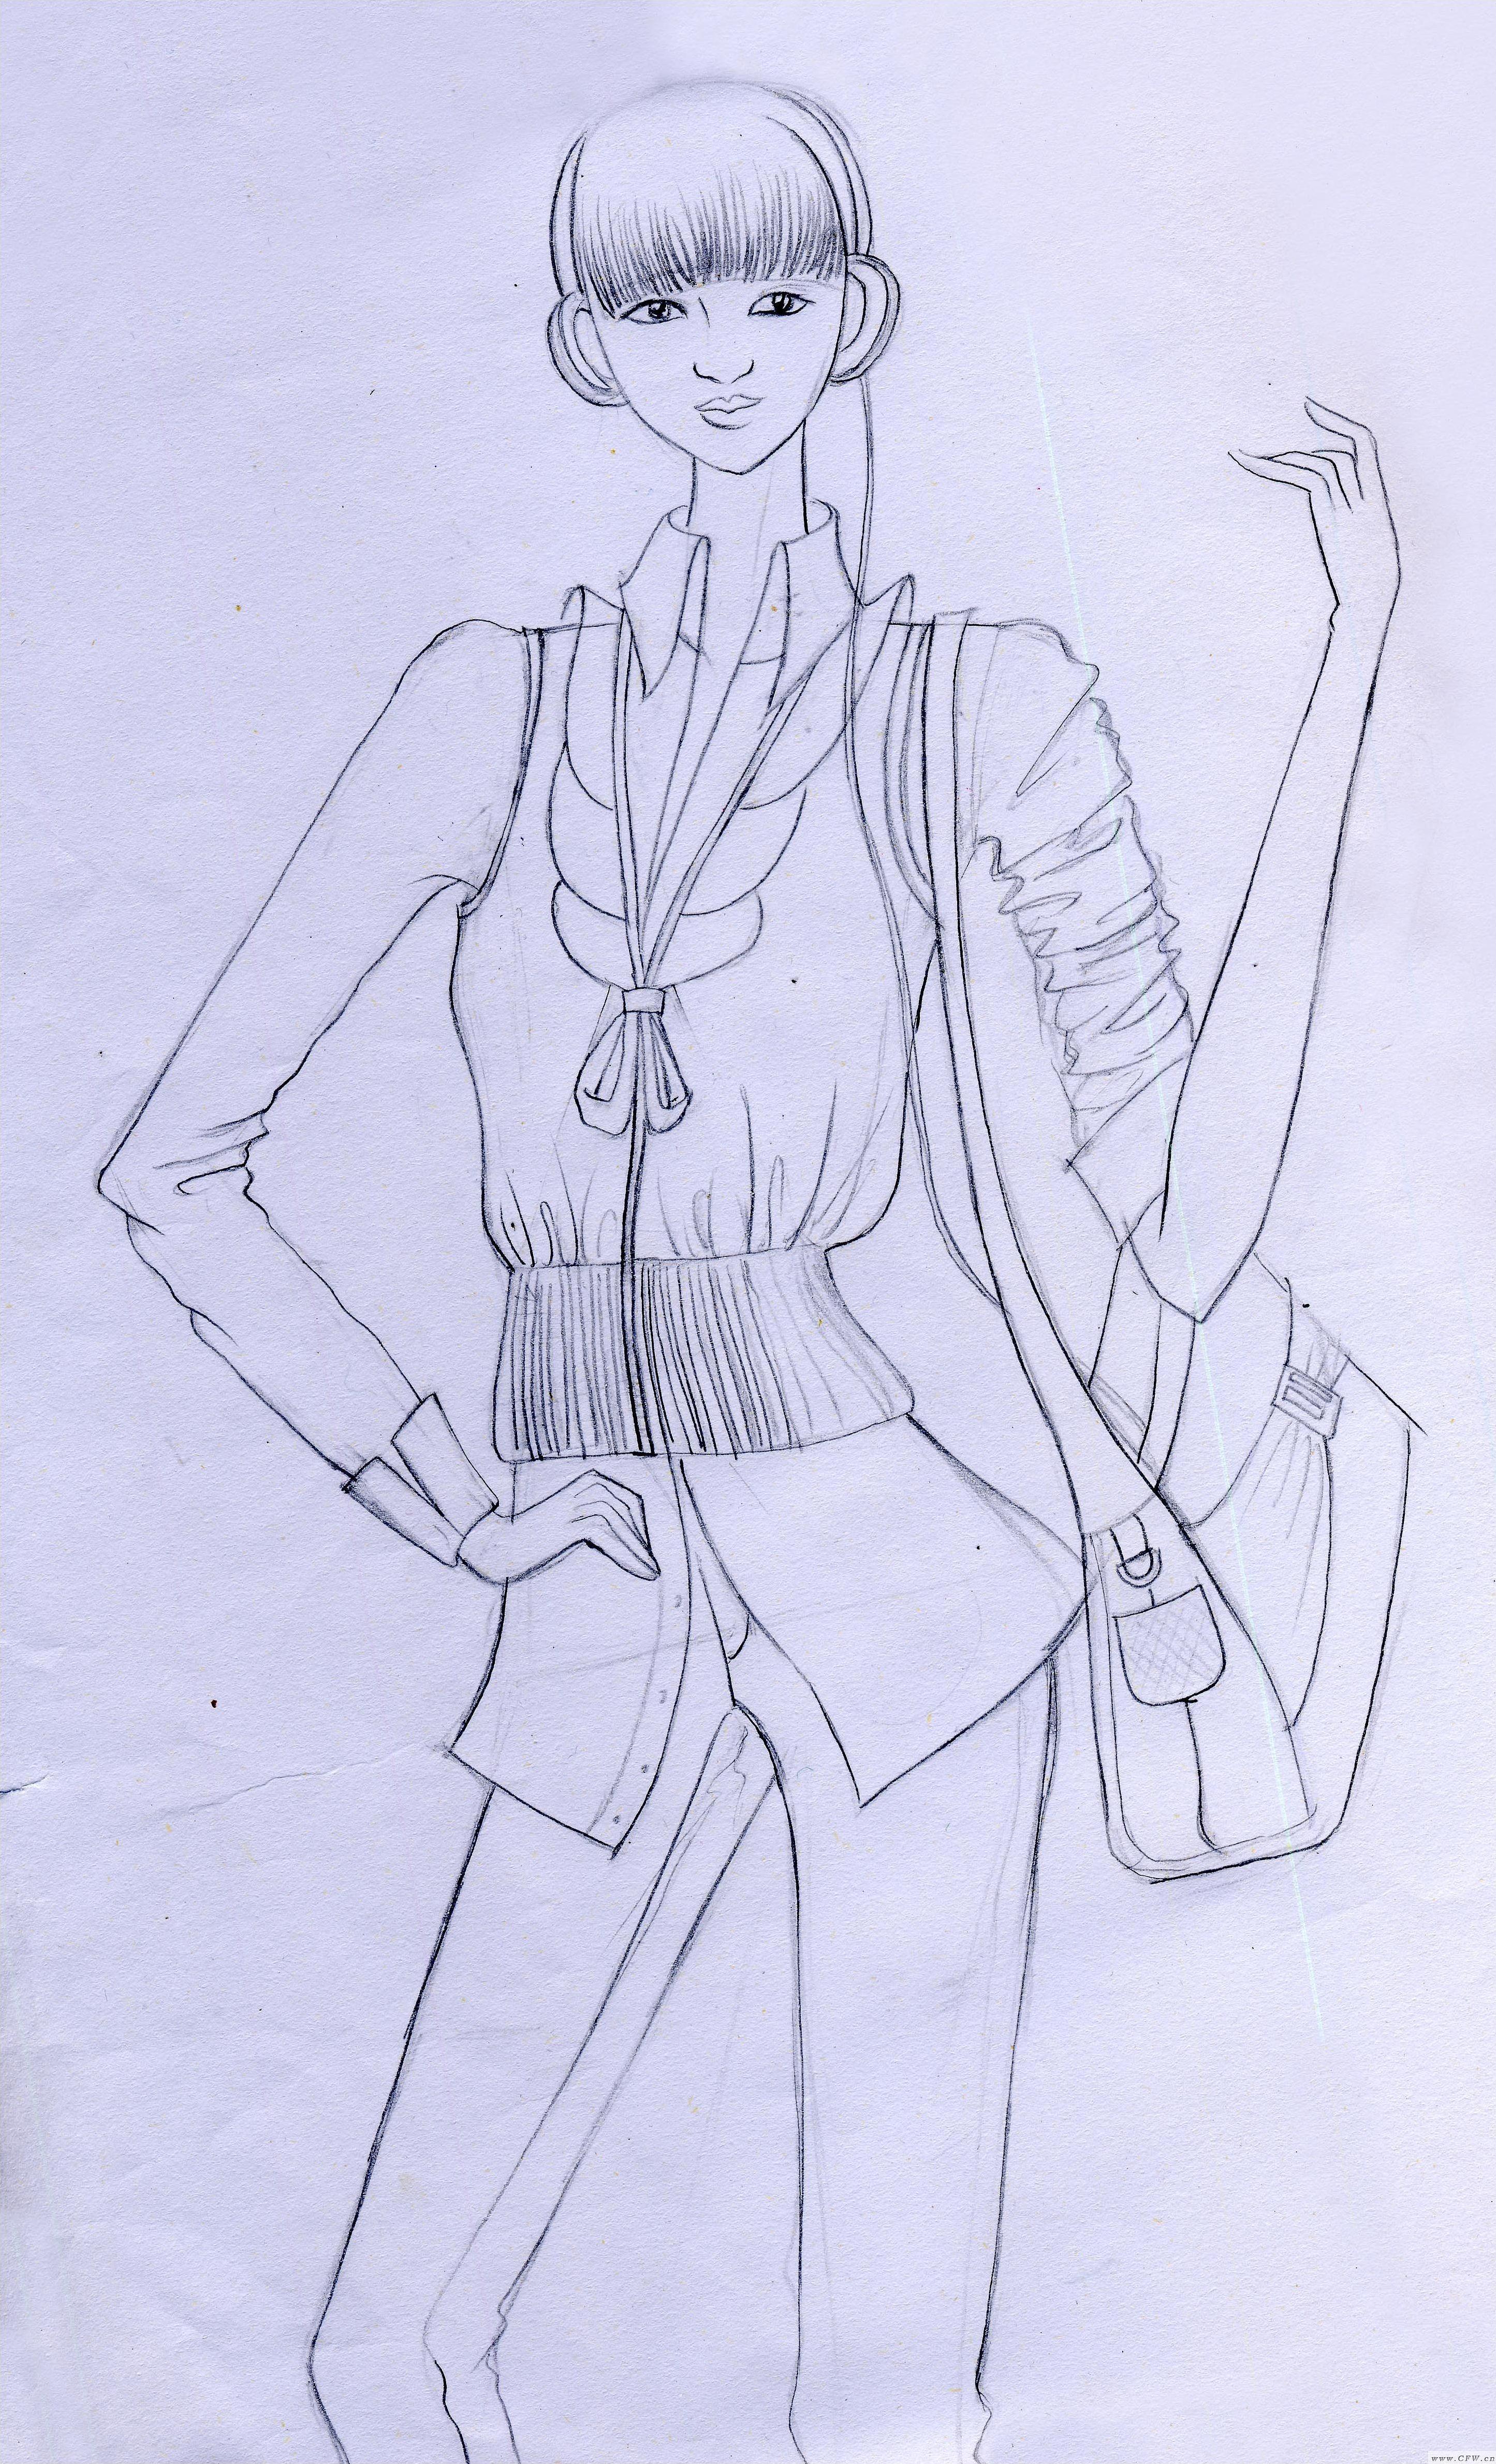 适合中考画的手绘线描